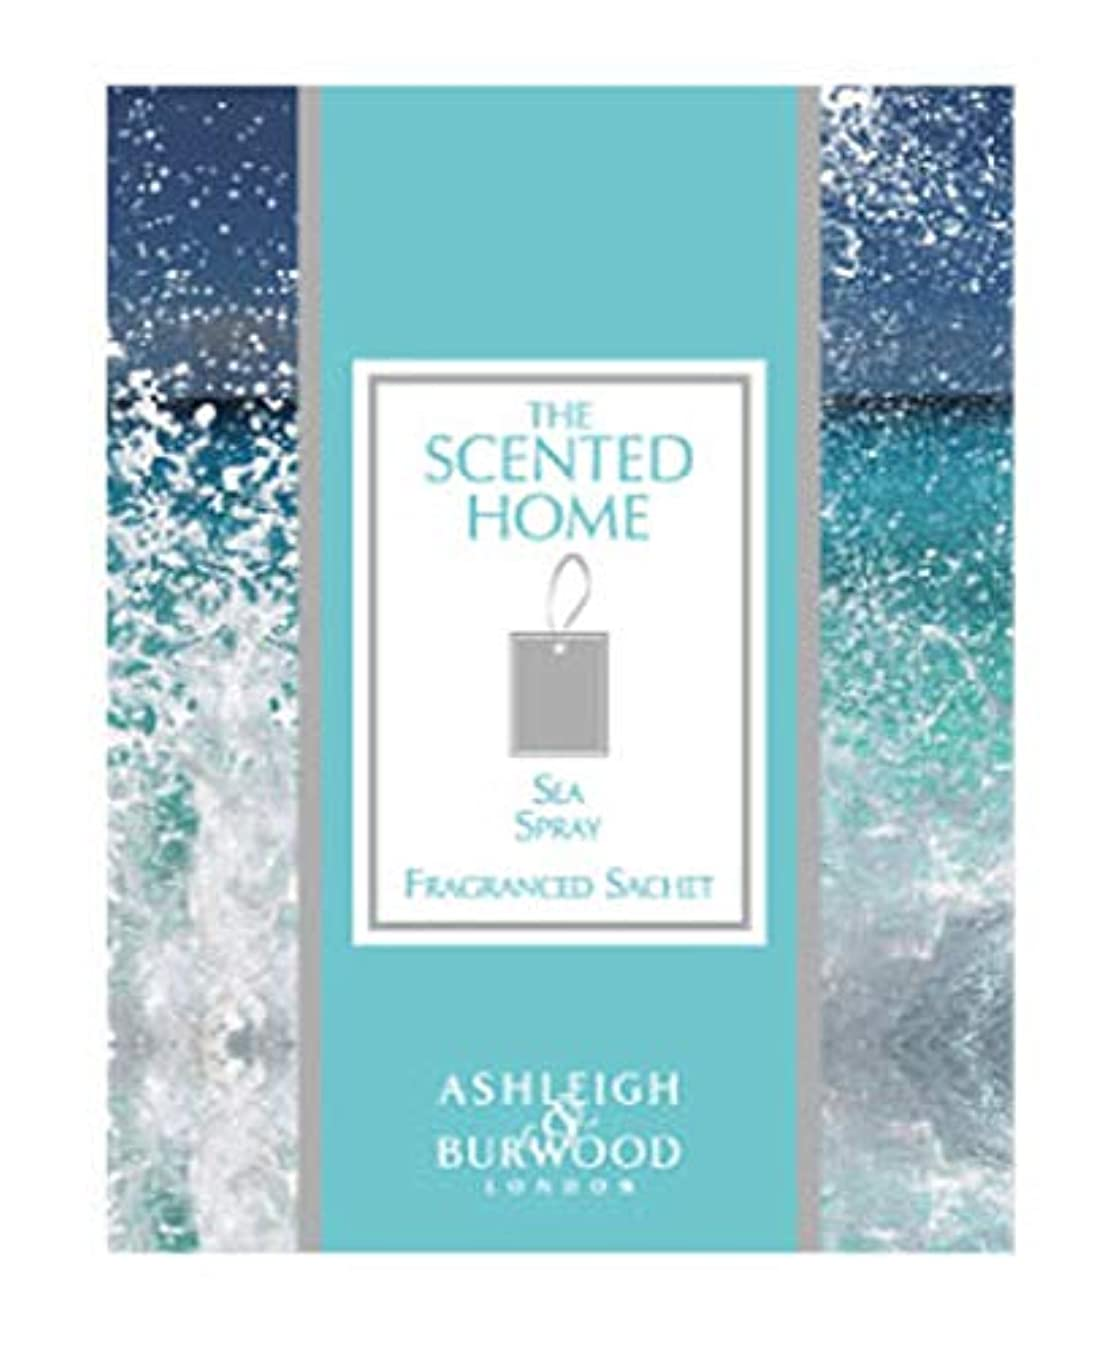 有毒な形容詞を通してAshleigh&Burwood サシェ シースプレー Sachet SeaSpray アシュレイ&バーウッド